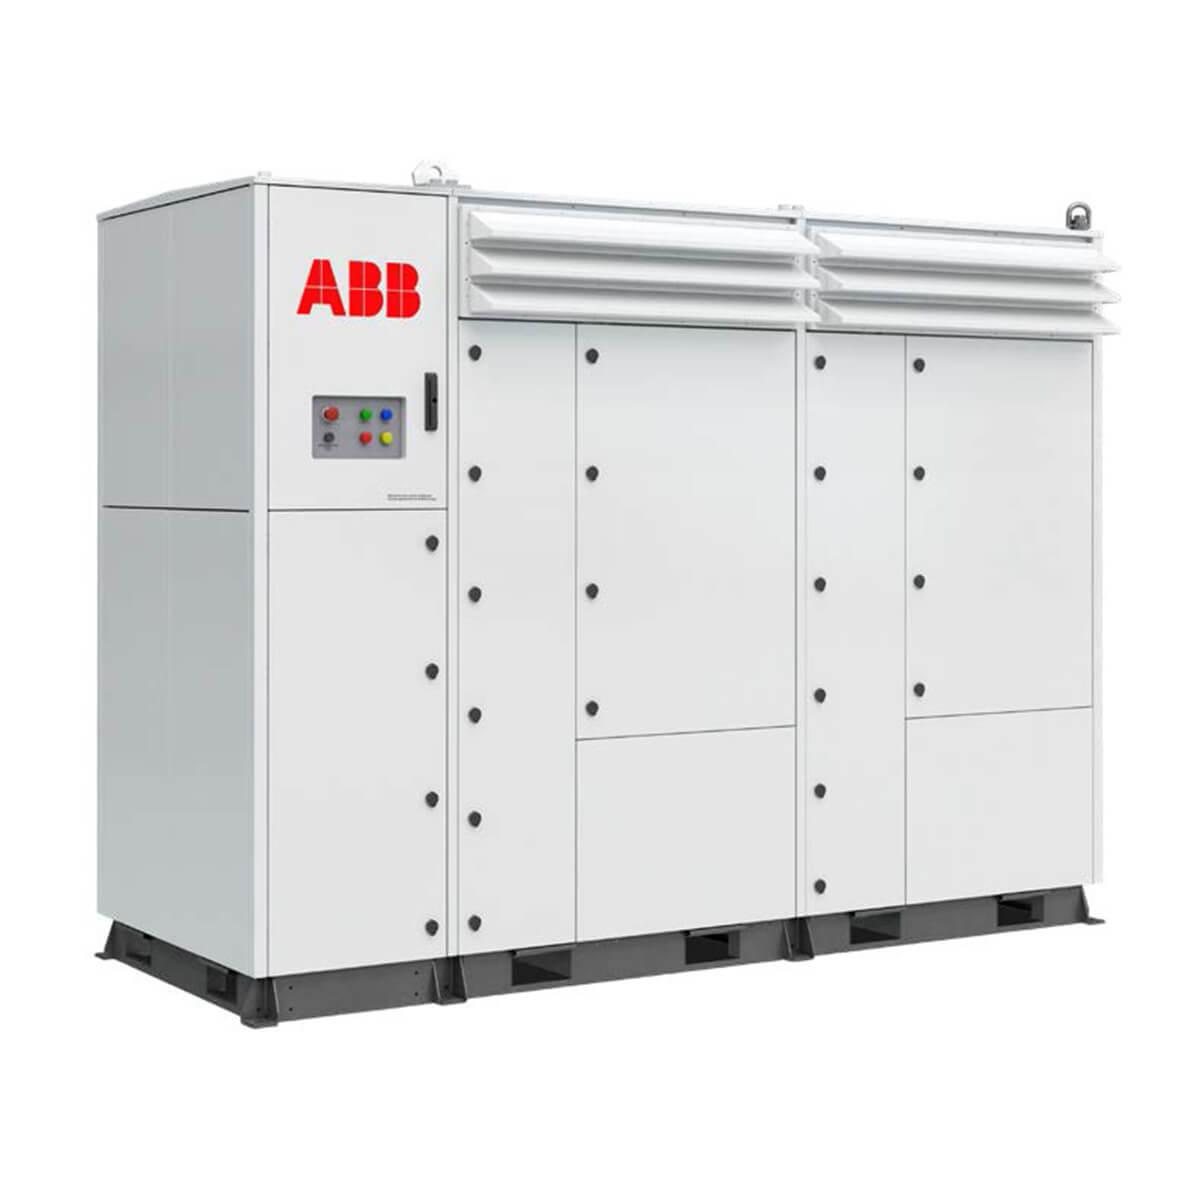 abb fimer 2091kW inverter, abb fimer pvs980-58 2091kW inverter, abb fimer pvs980-58-2.3-mva-2091kW-l inverter, abb fimer pvs980-58-2.3-mva-2091kW-l, abb fimer pvs980-58 2091 kW, ABB FIMER 2091 KW